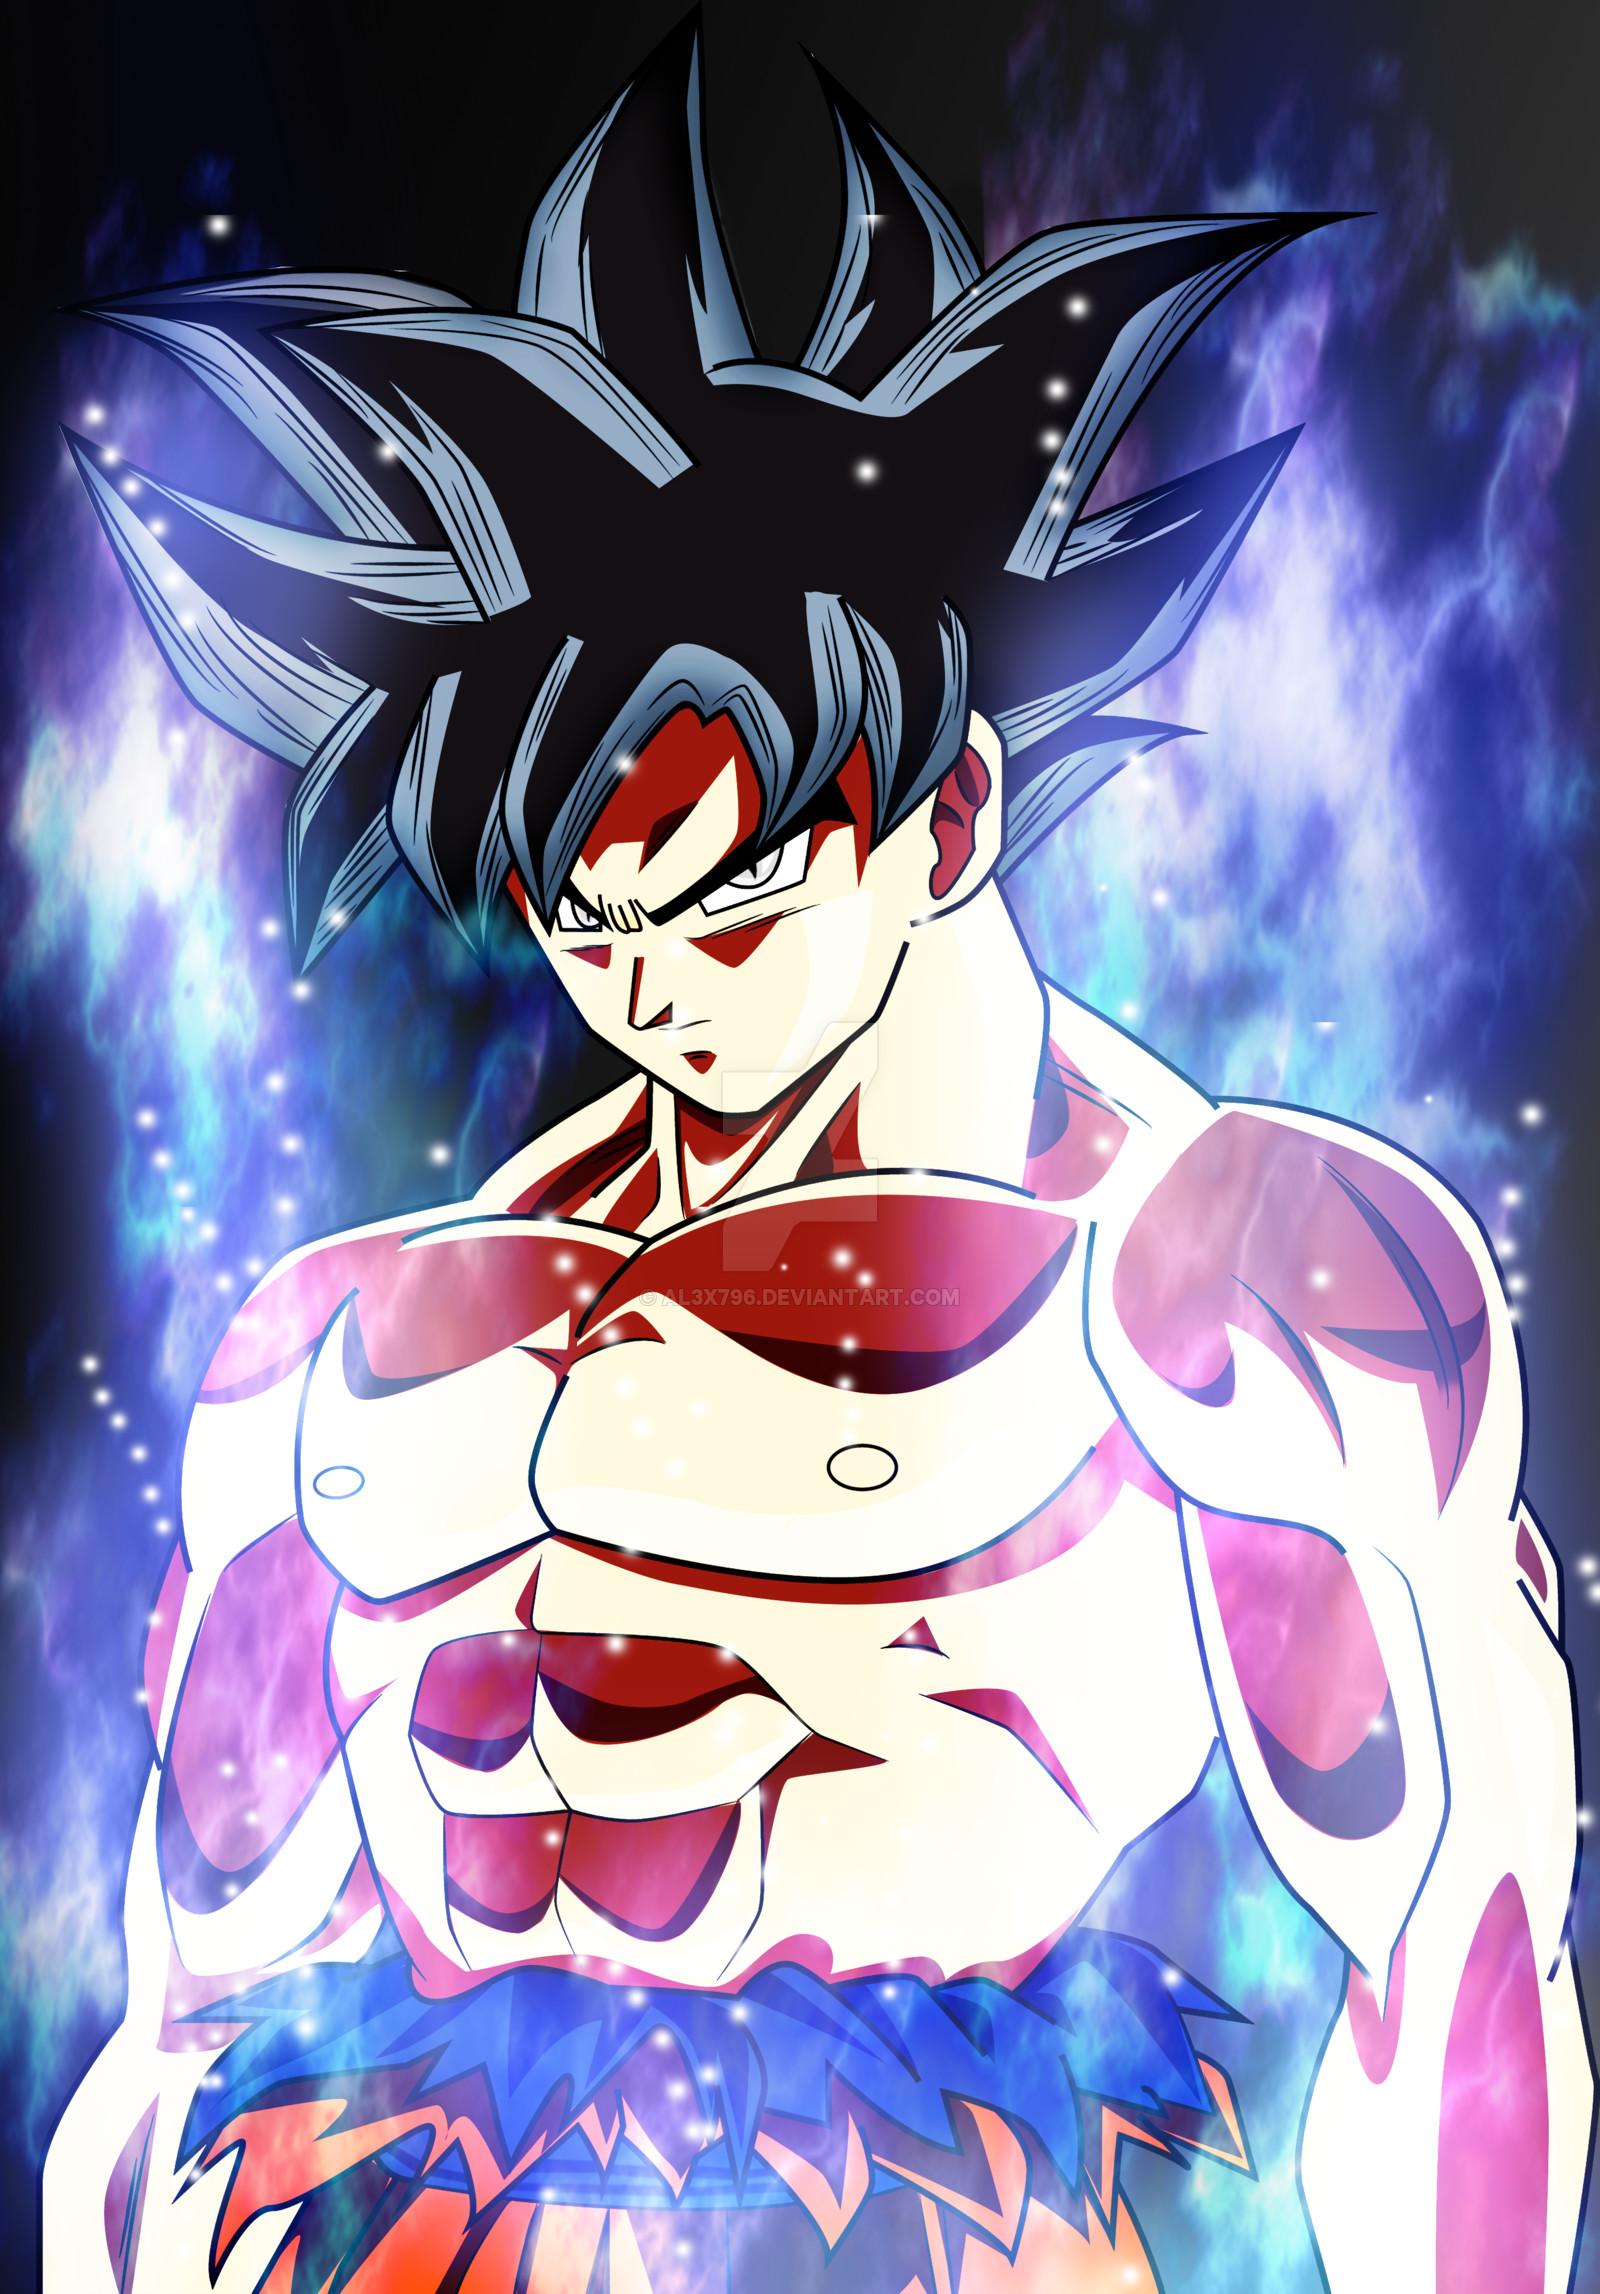 Limit Breaker Goku Wallpapers 69 Pictures